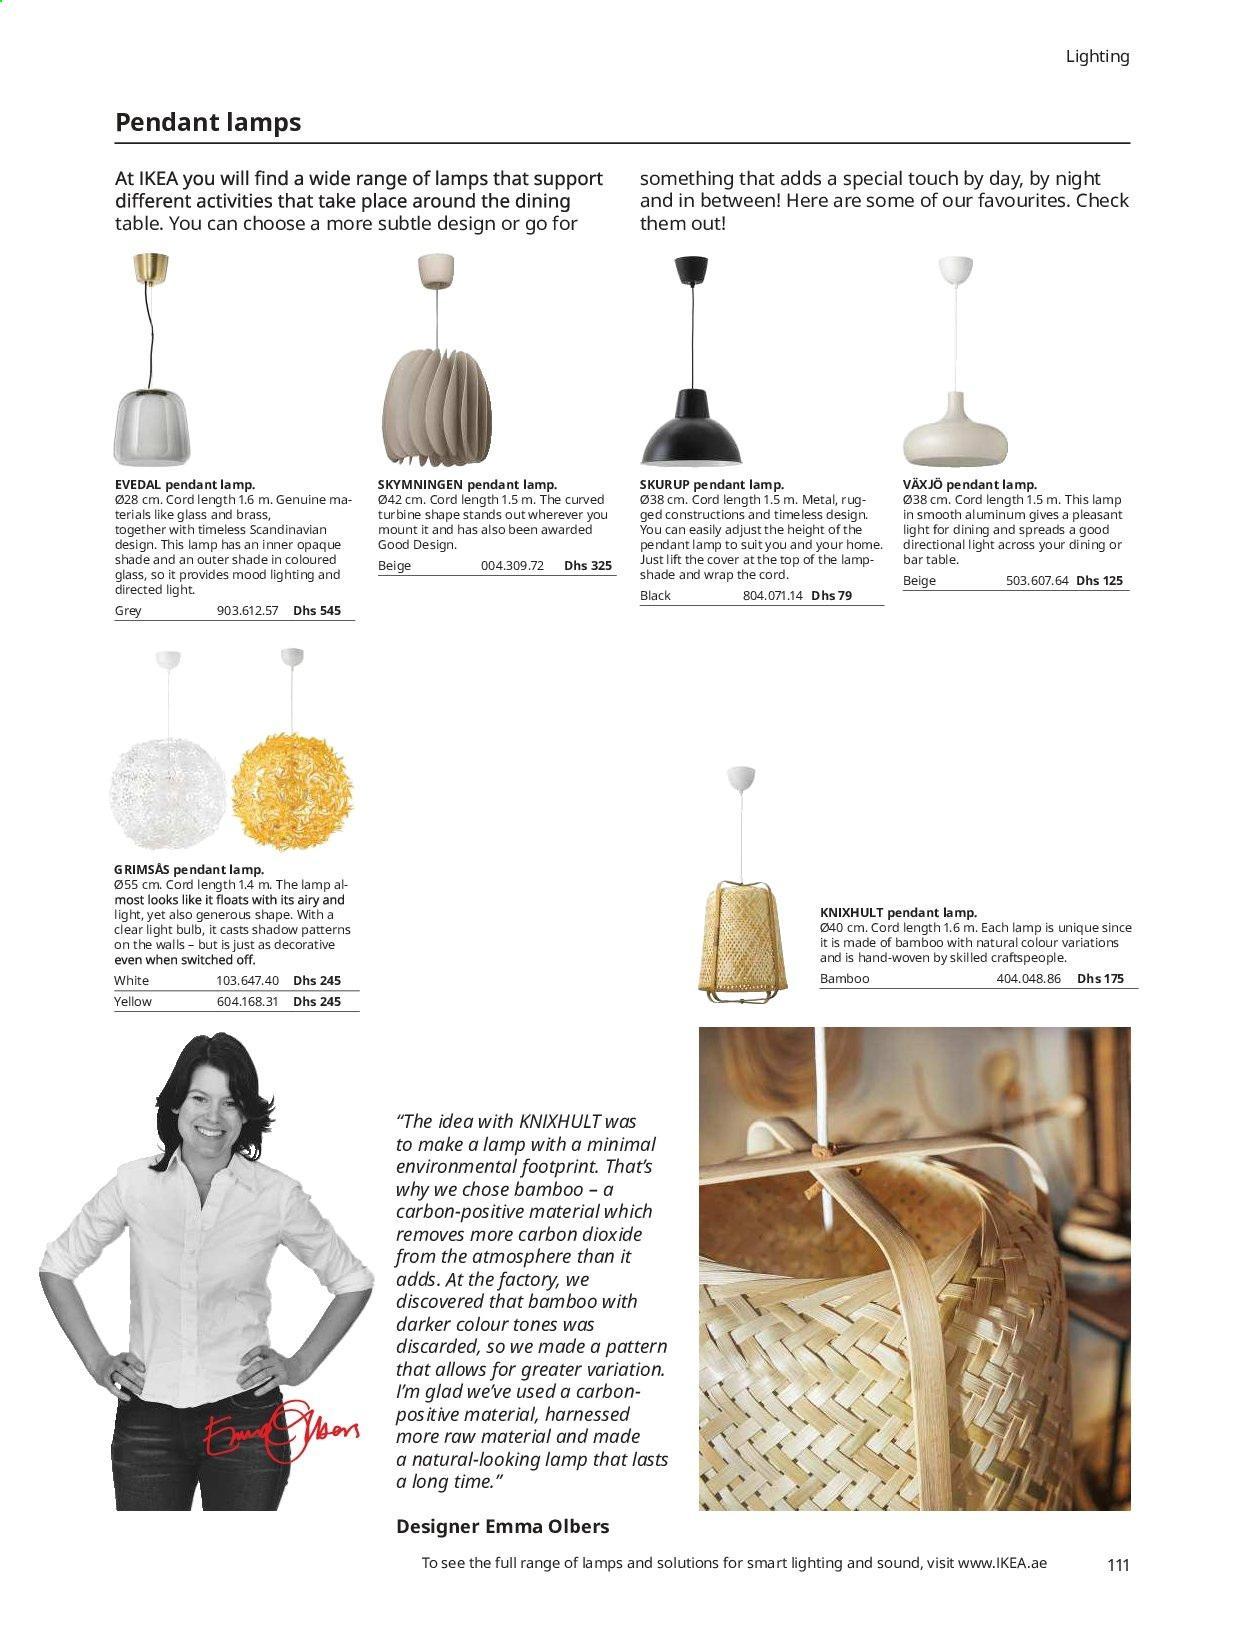 Ikea Grimsas Pendant Lamp